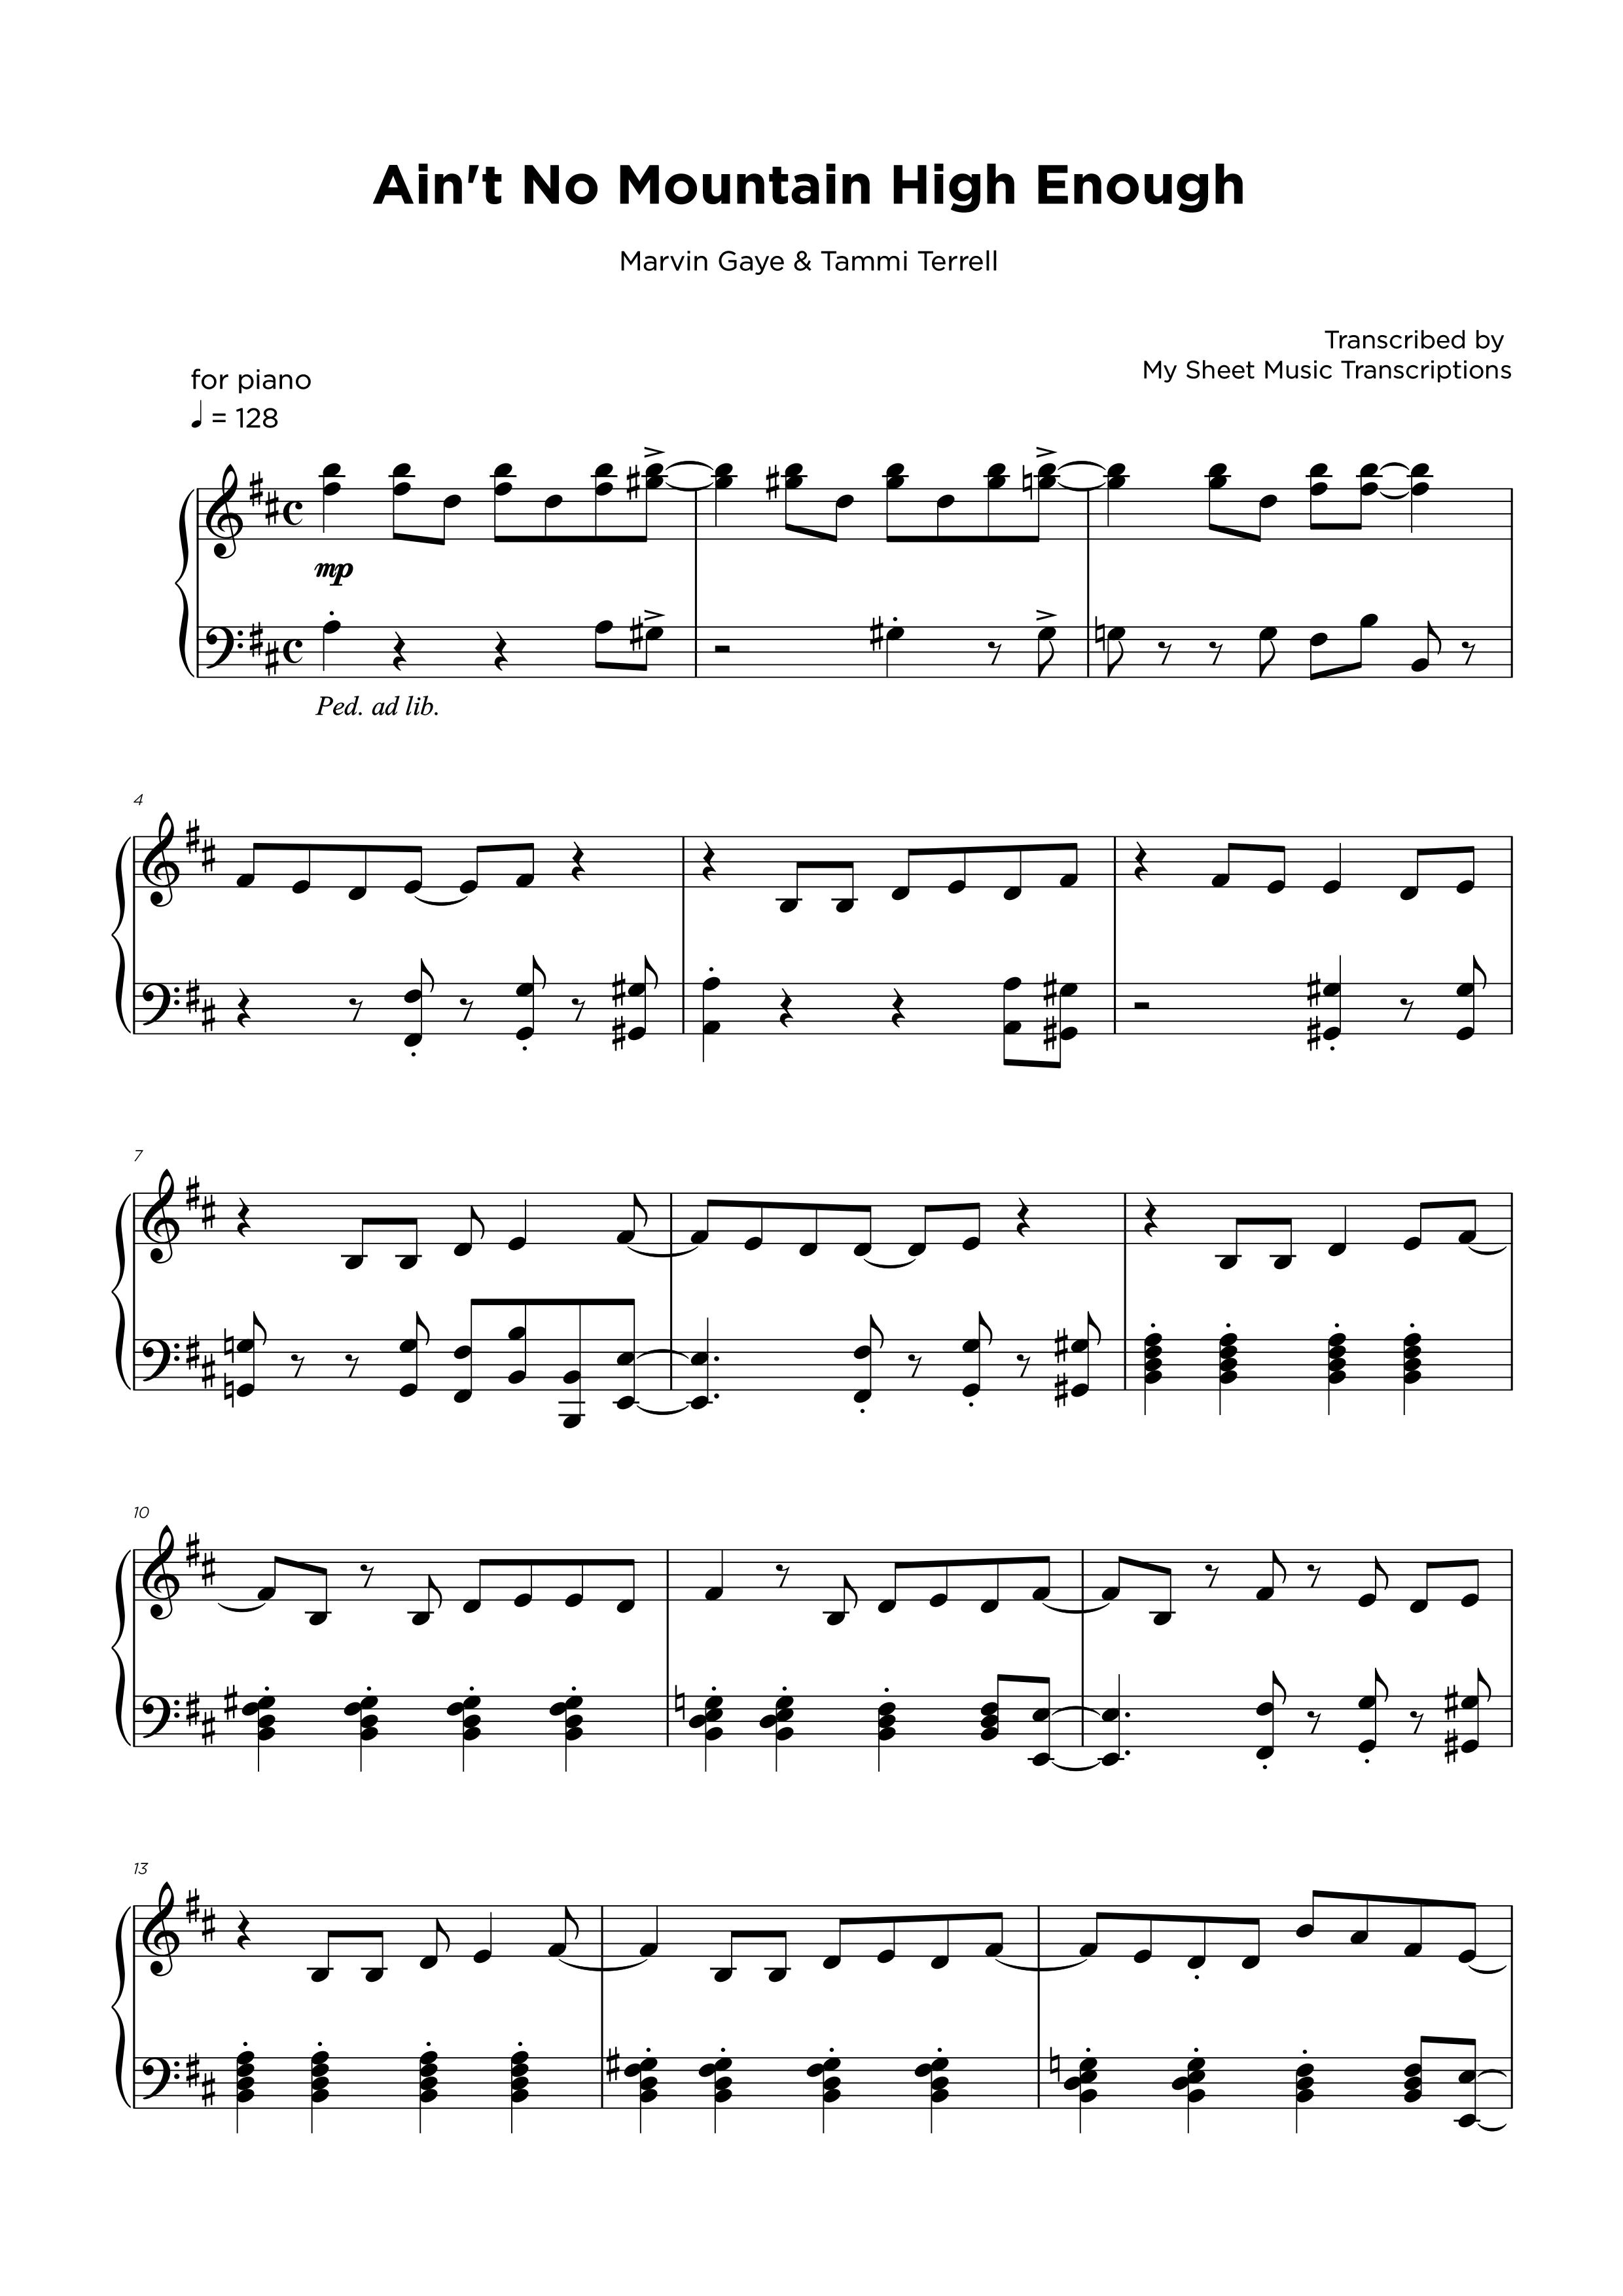 Ain't no mountain high enough - Transcripción de partitura para piano